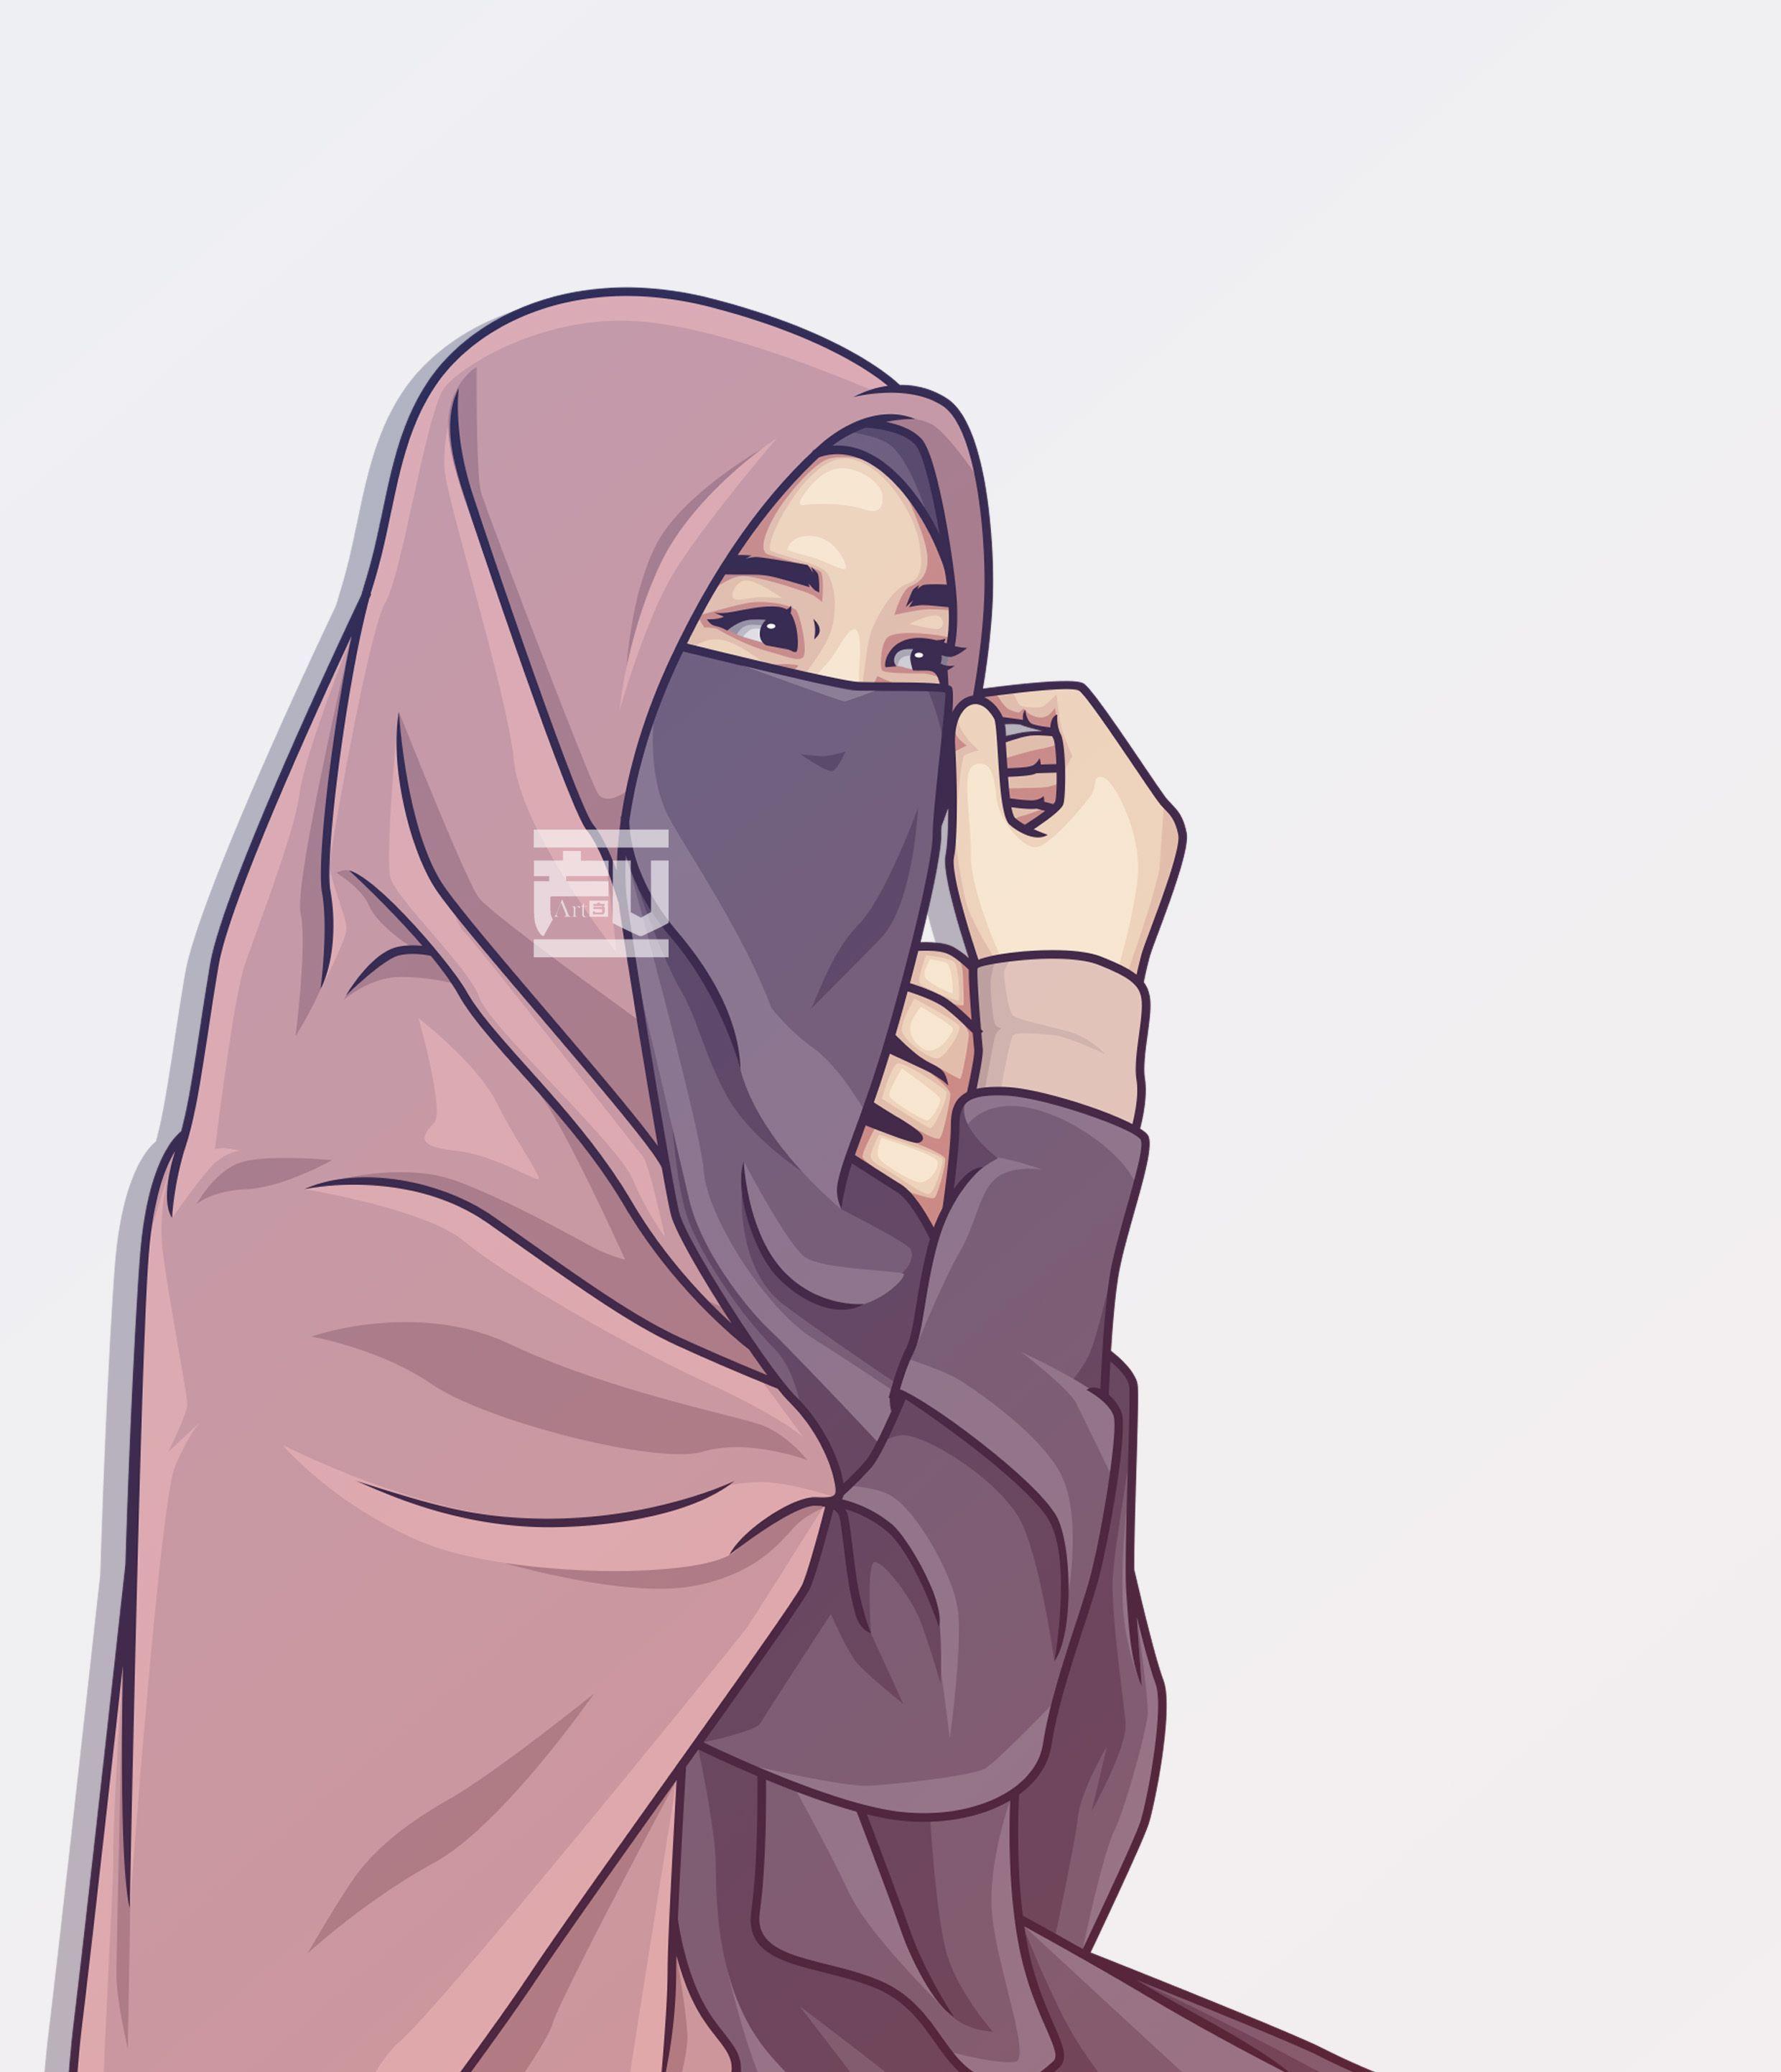 Hɪᴊᴀʙ Gɪʀʟ Kartun Hijab Ilustrasi Orang Gambar